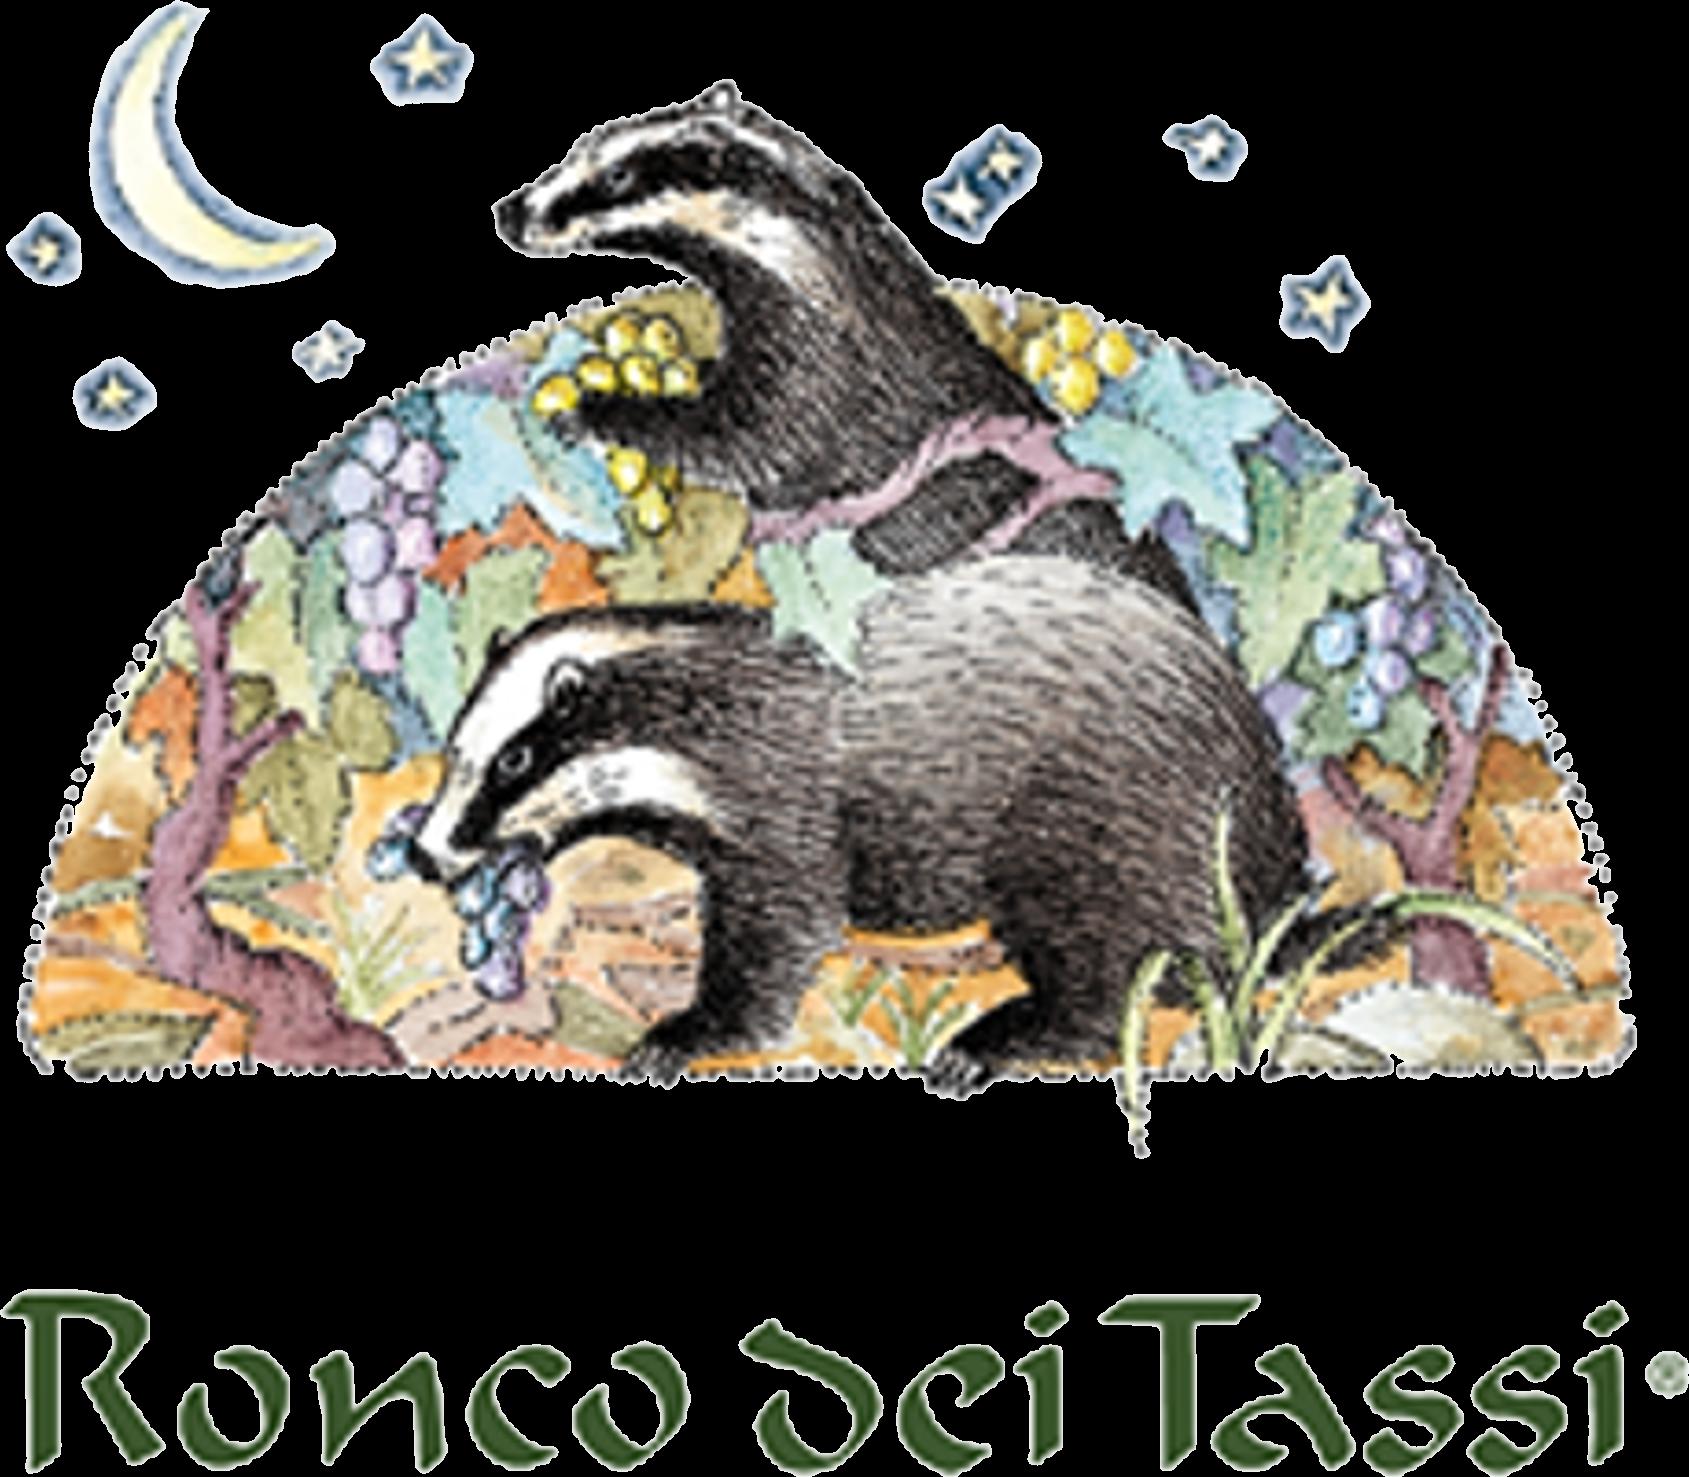 Ronco_dei_Tassi.png